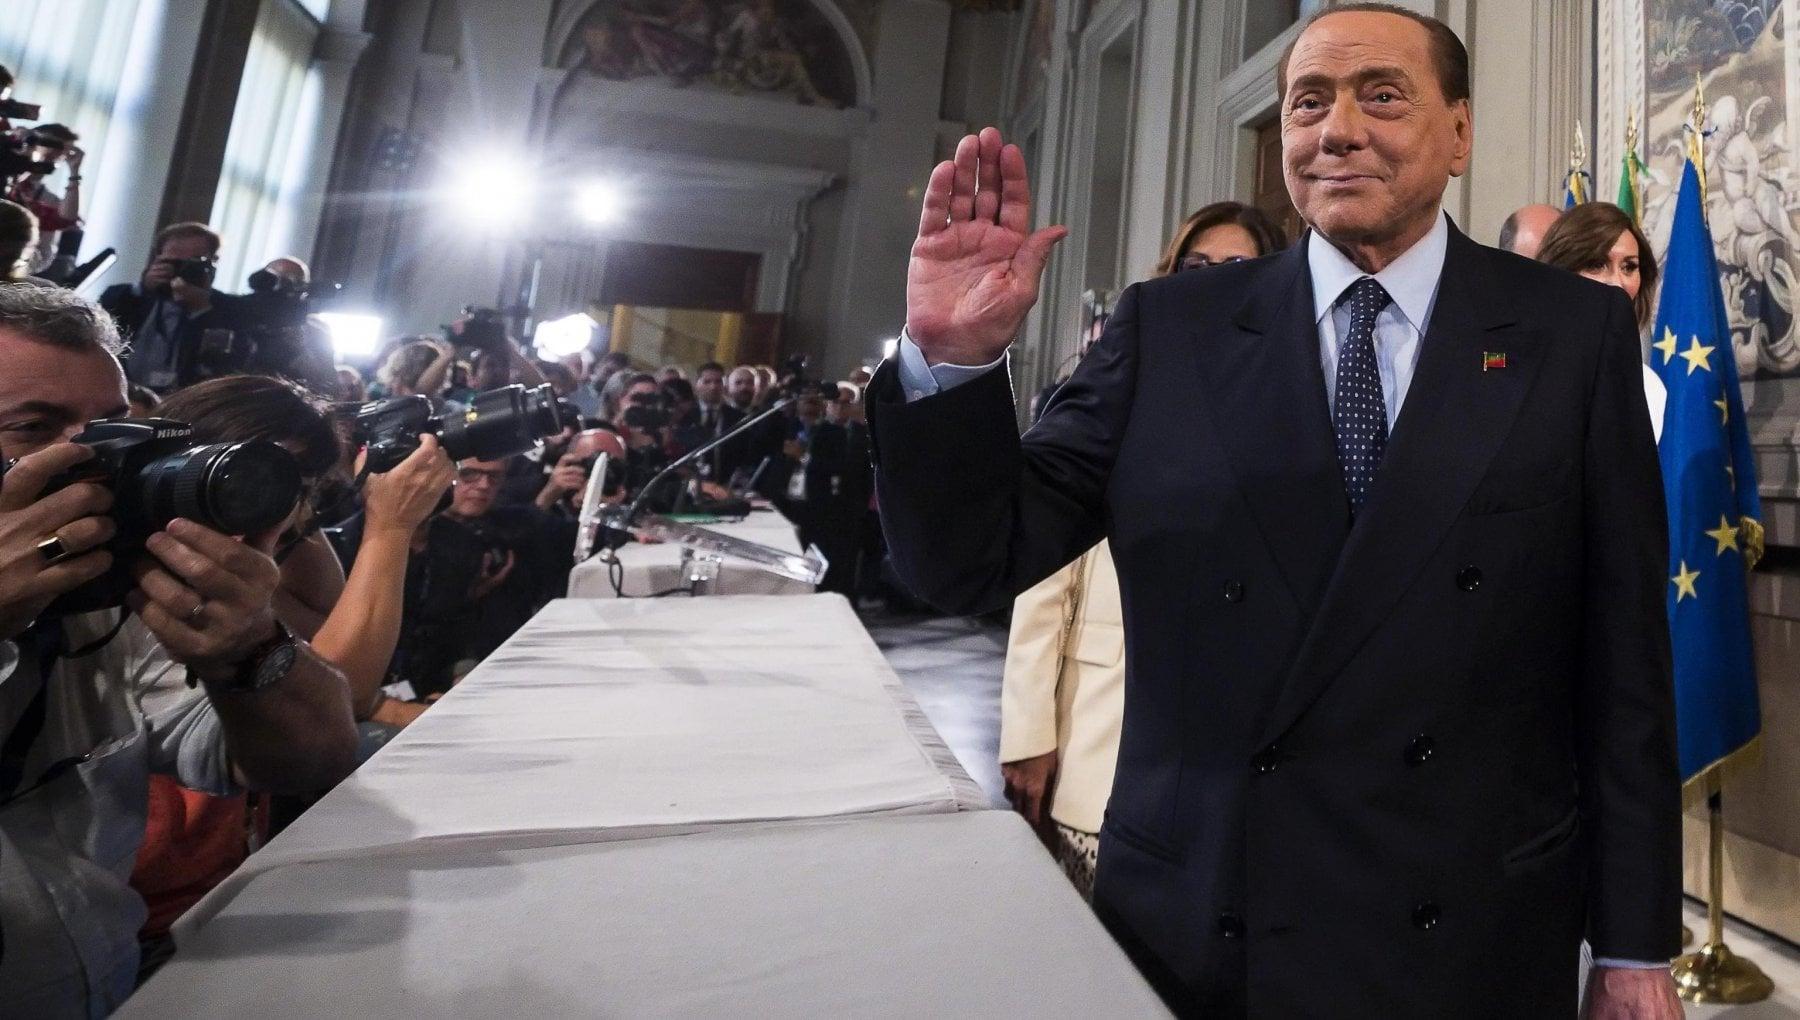 Crisi di governo Berlusconi tentato dallo strappo pensa a una coalizione modello Ue